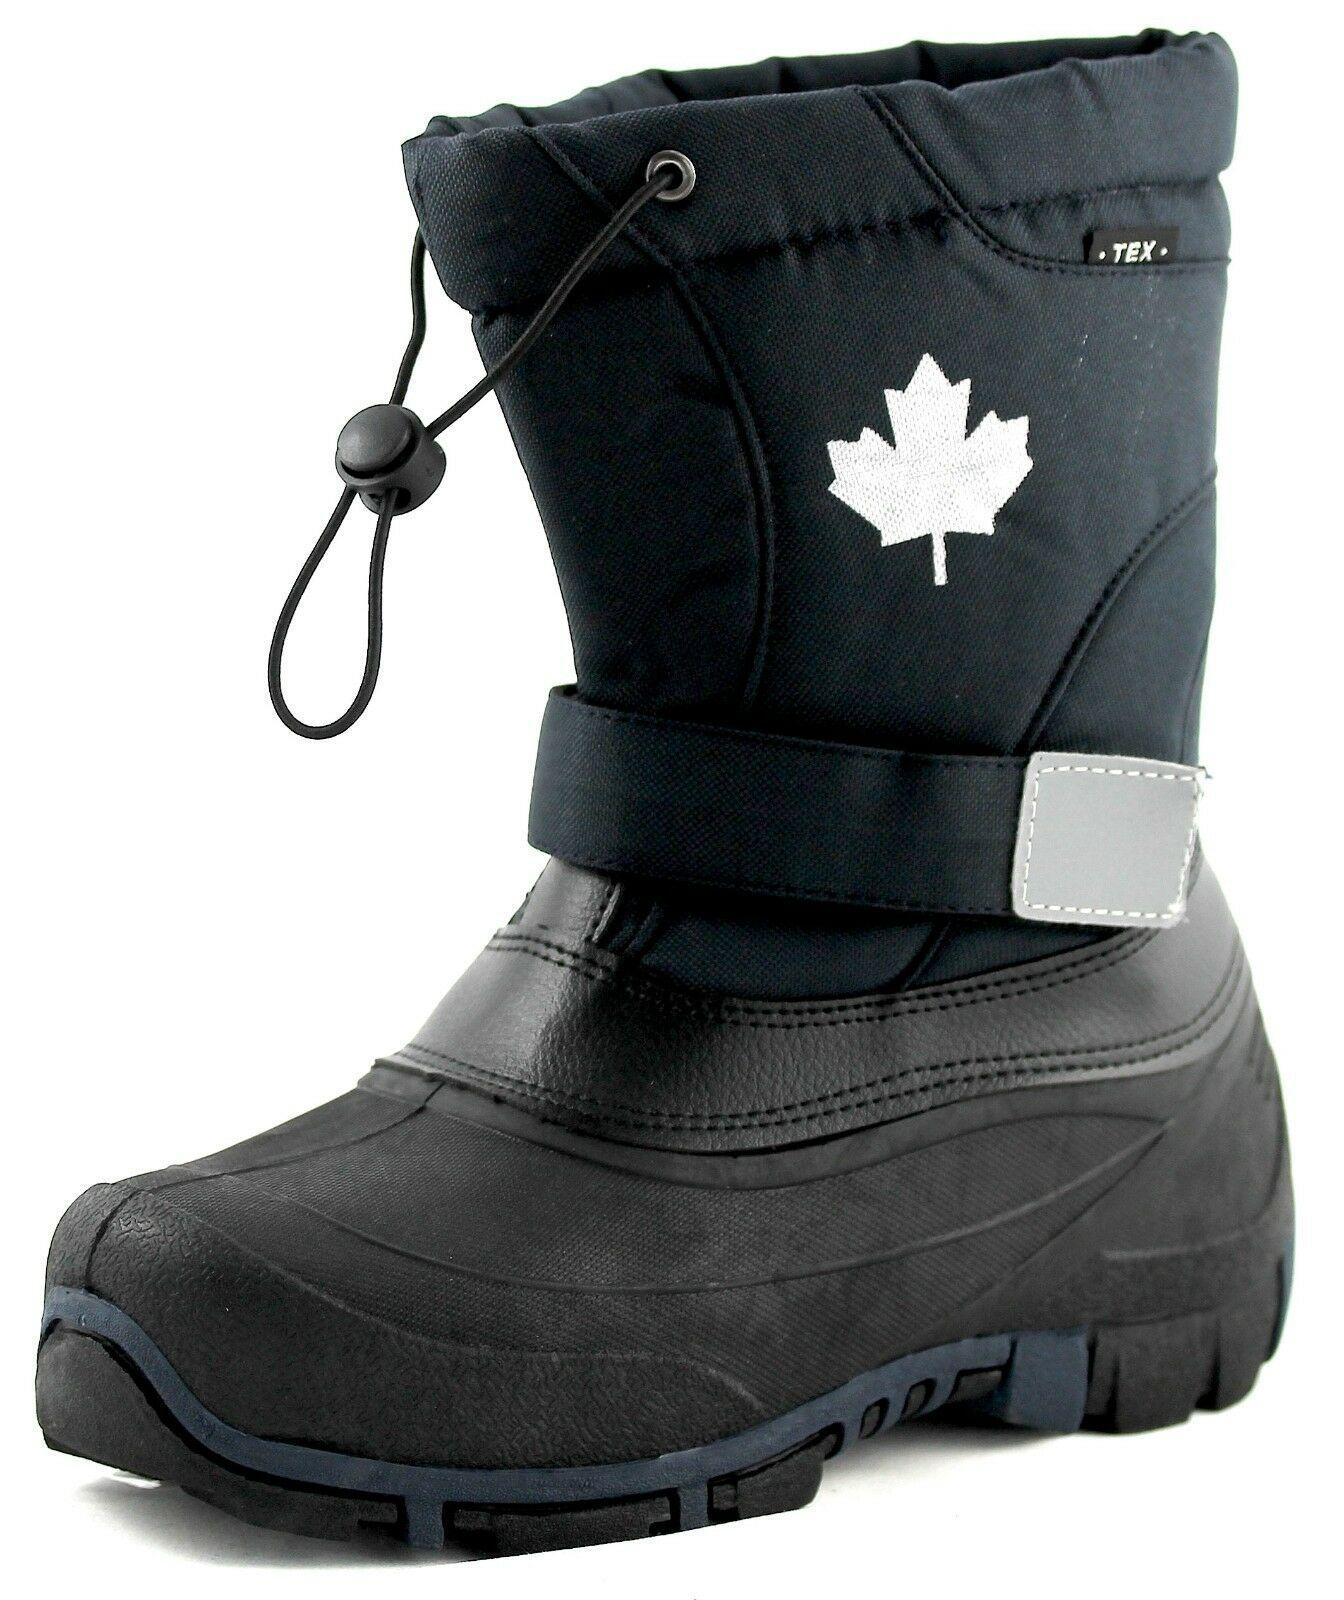 Wasserabweisend +++NEU++ mit Tex CANADIANS//Indigo Kinderschuhe  Winterboots